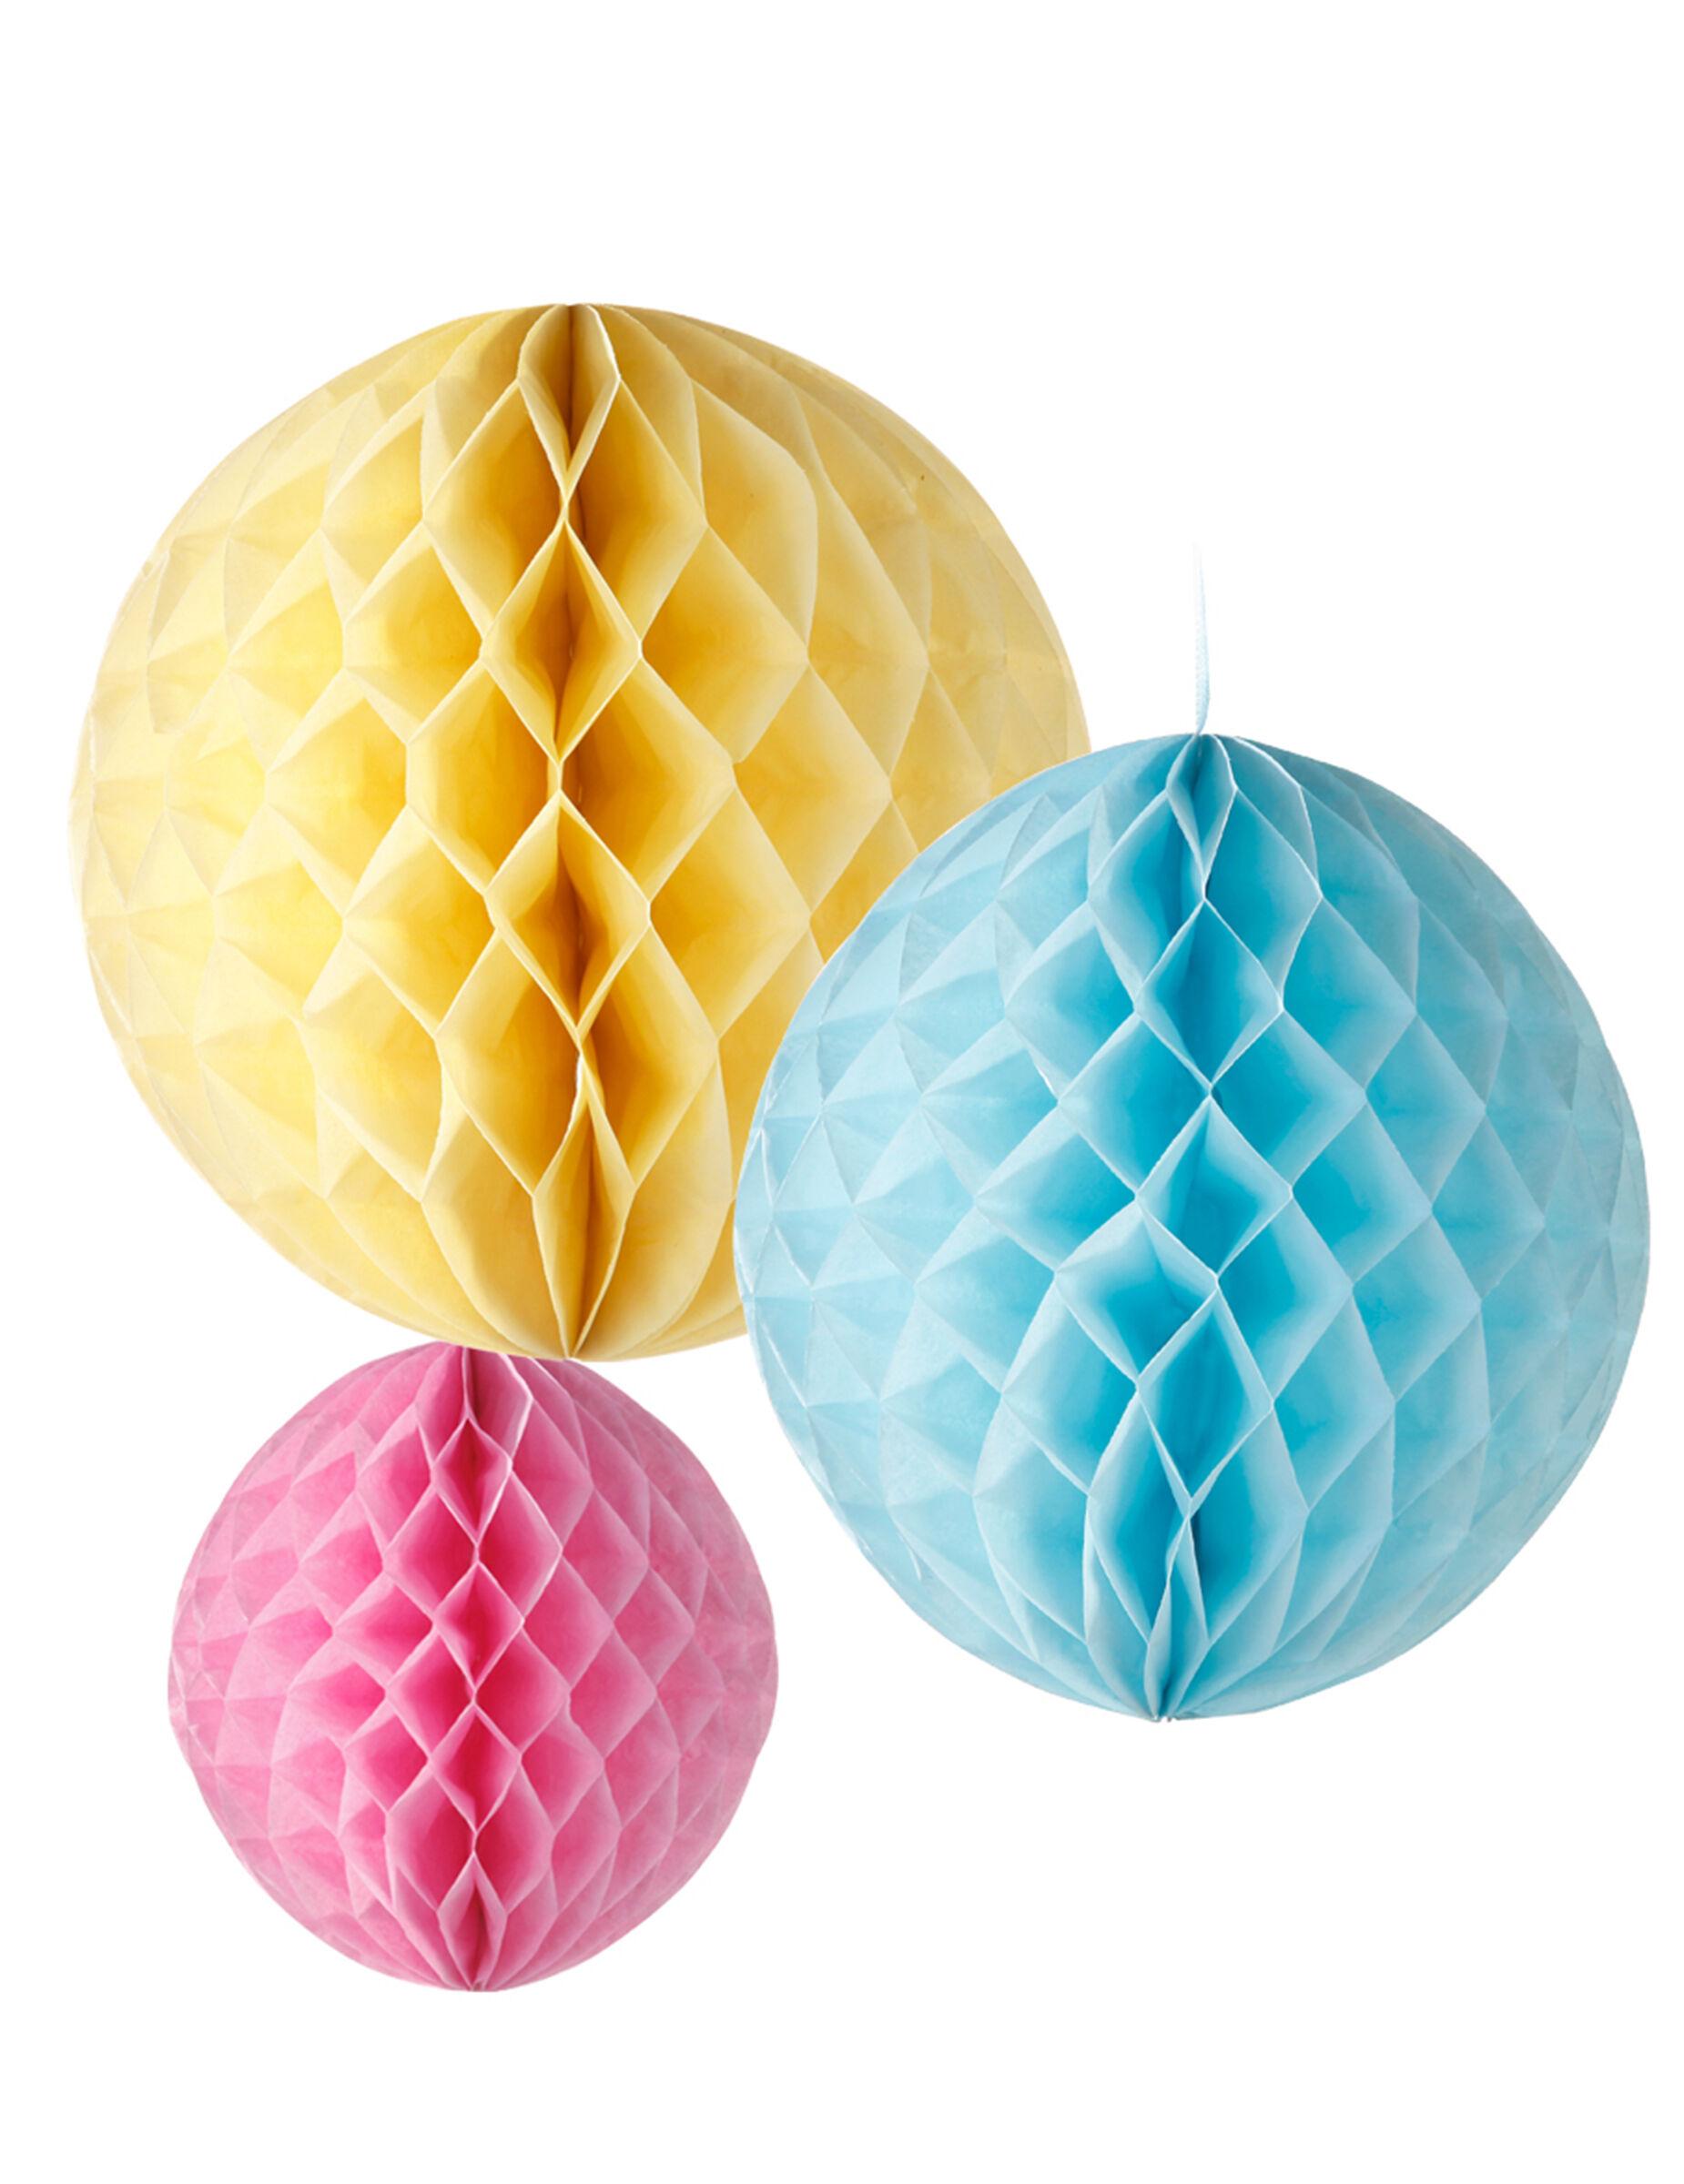 VegaooParty 3 Suspensions boules papier jaune, bleu et rose